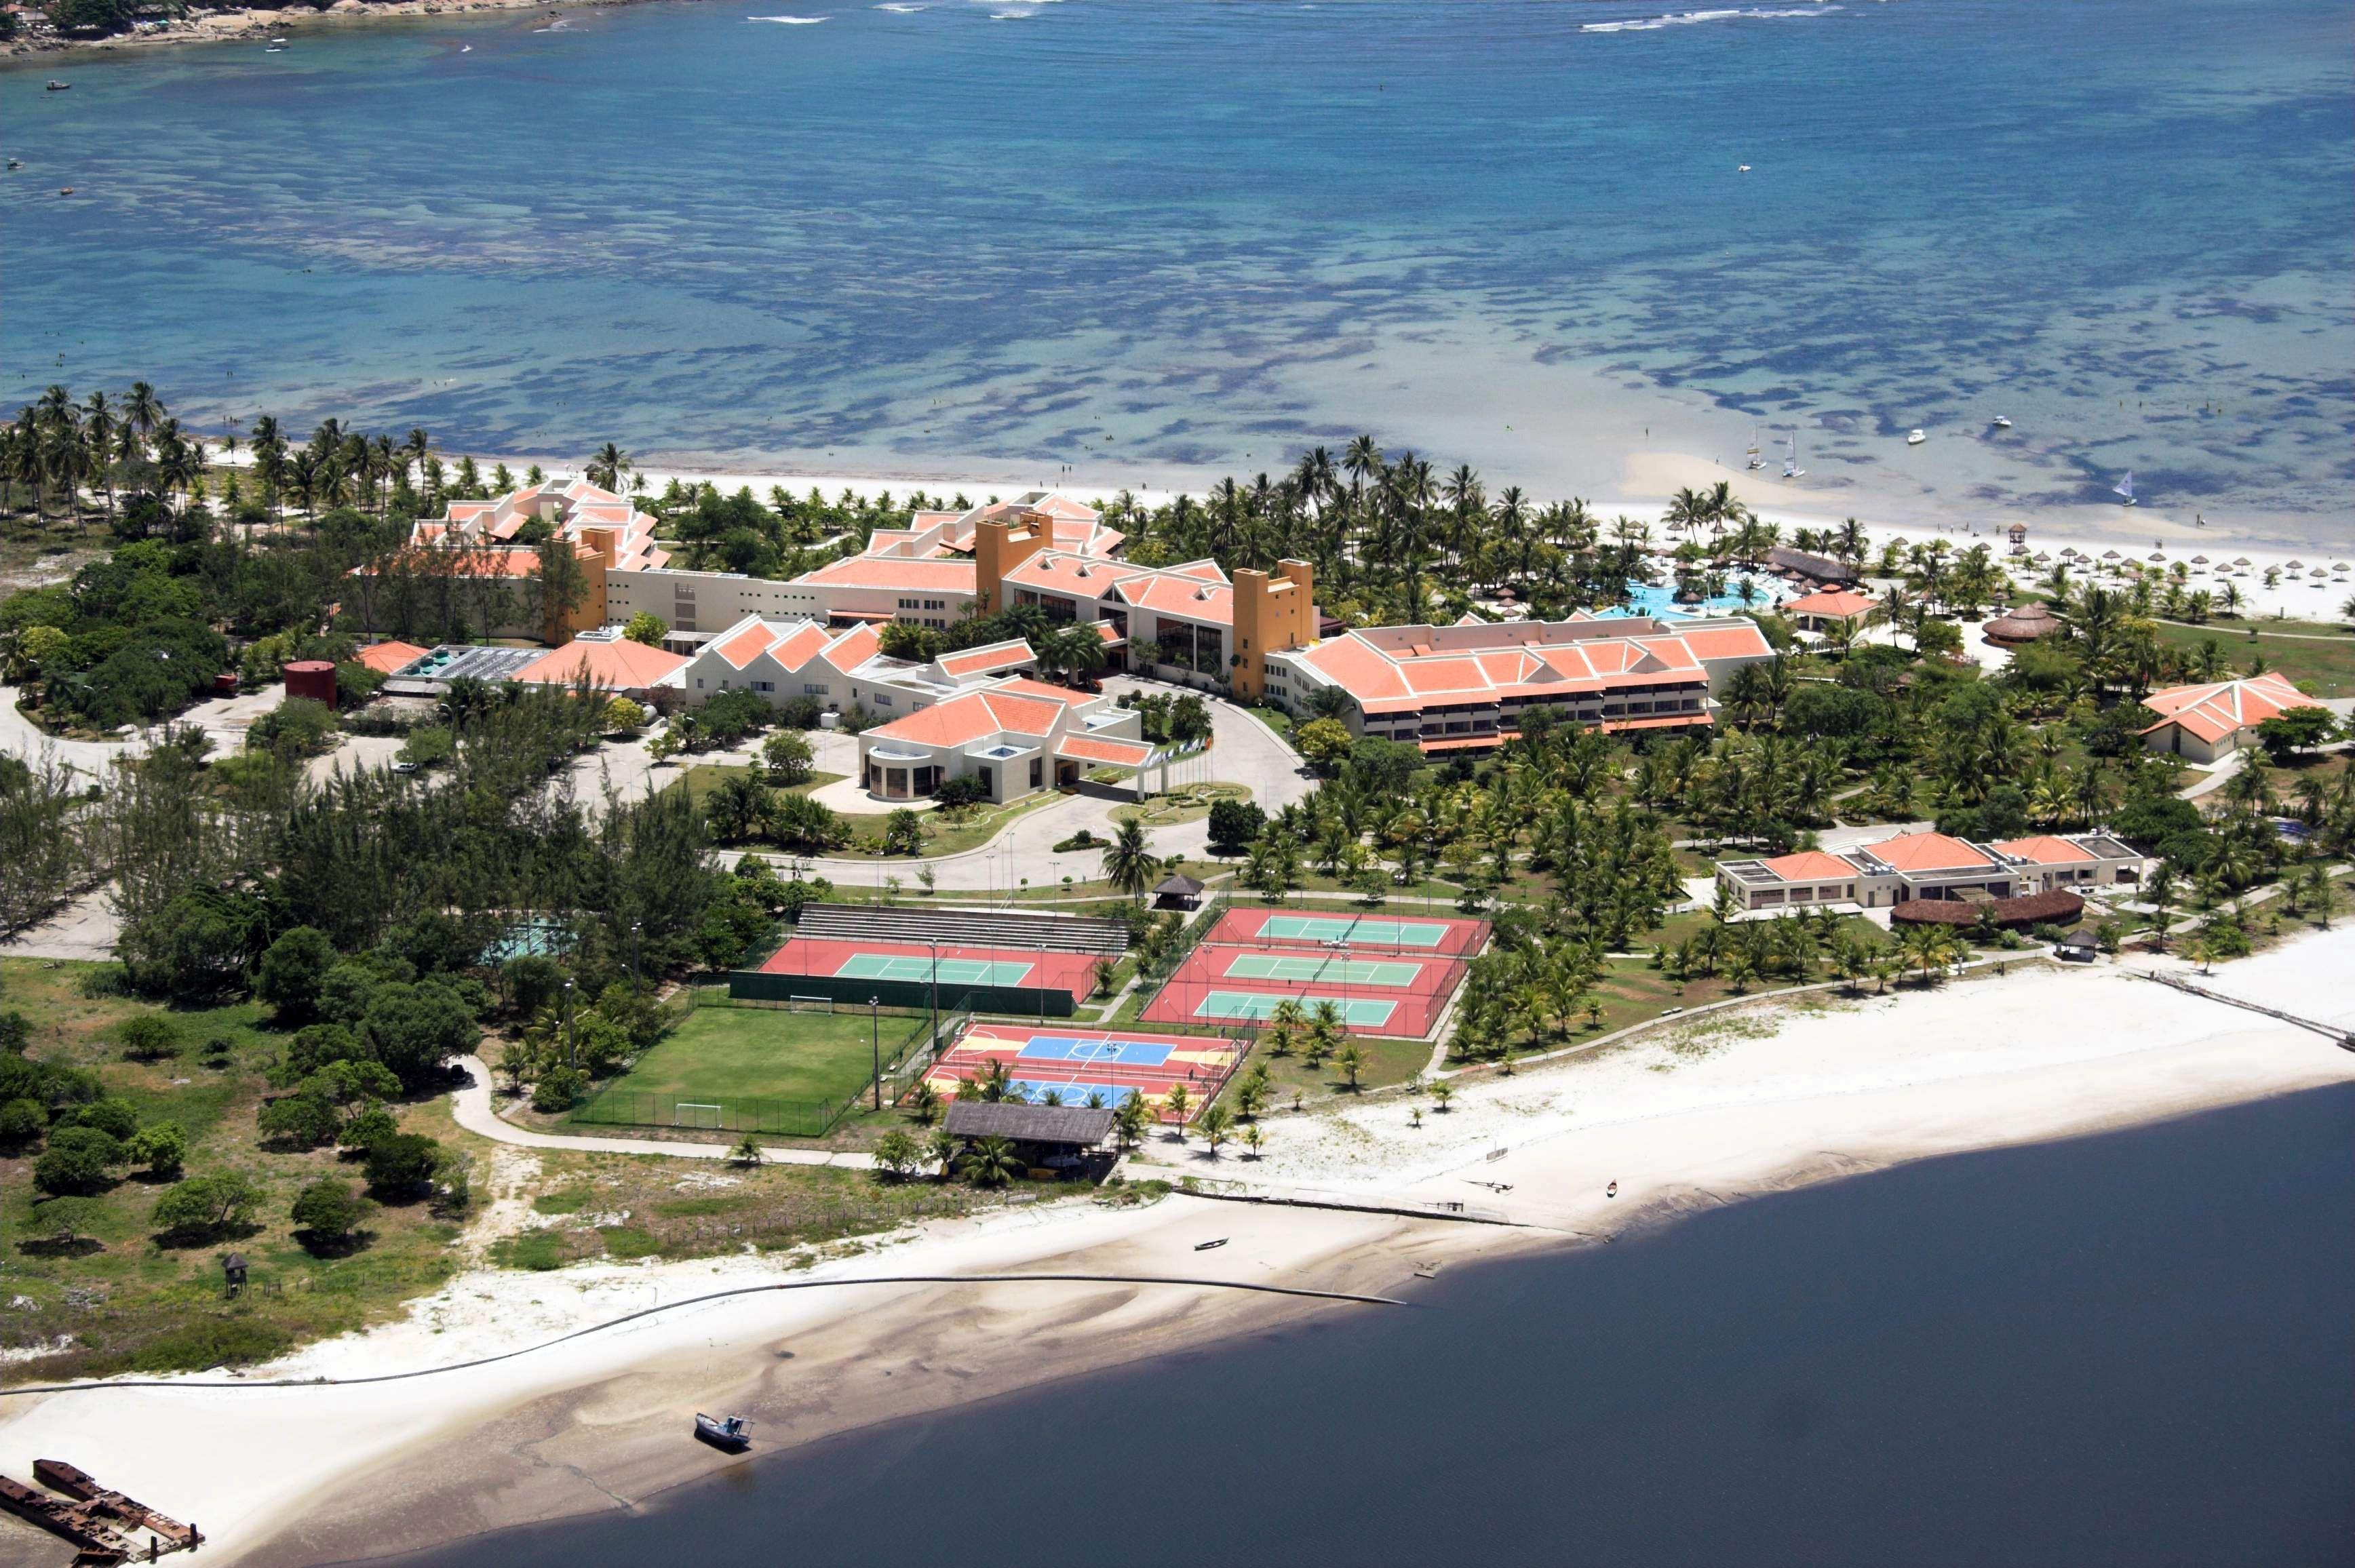 All Inclusive Vila Gale Eco Resort Do Cabo Pernambuco Brasil